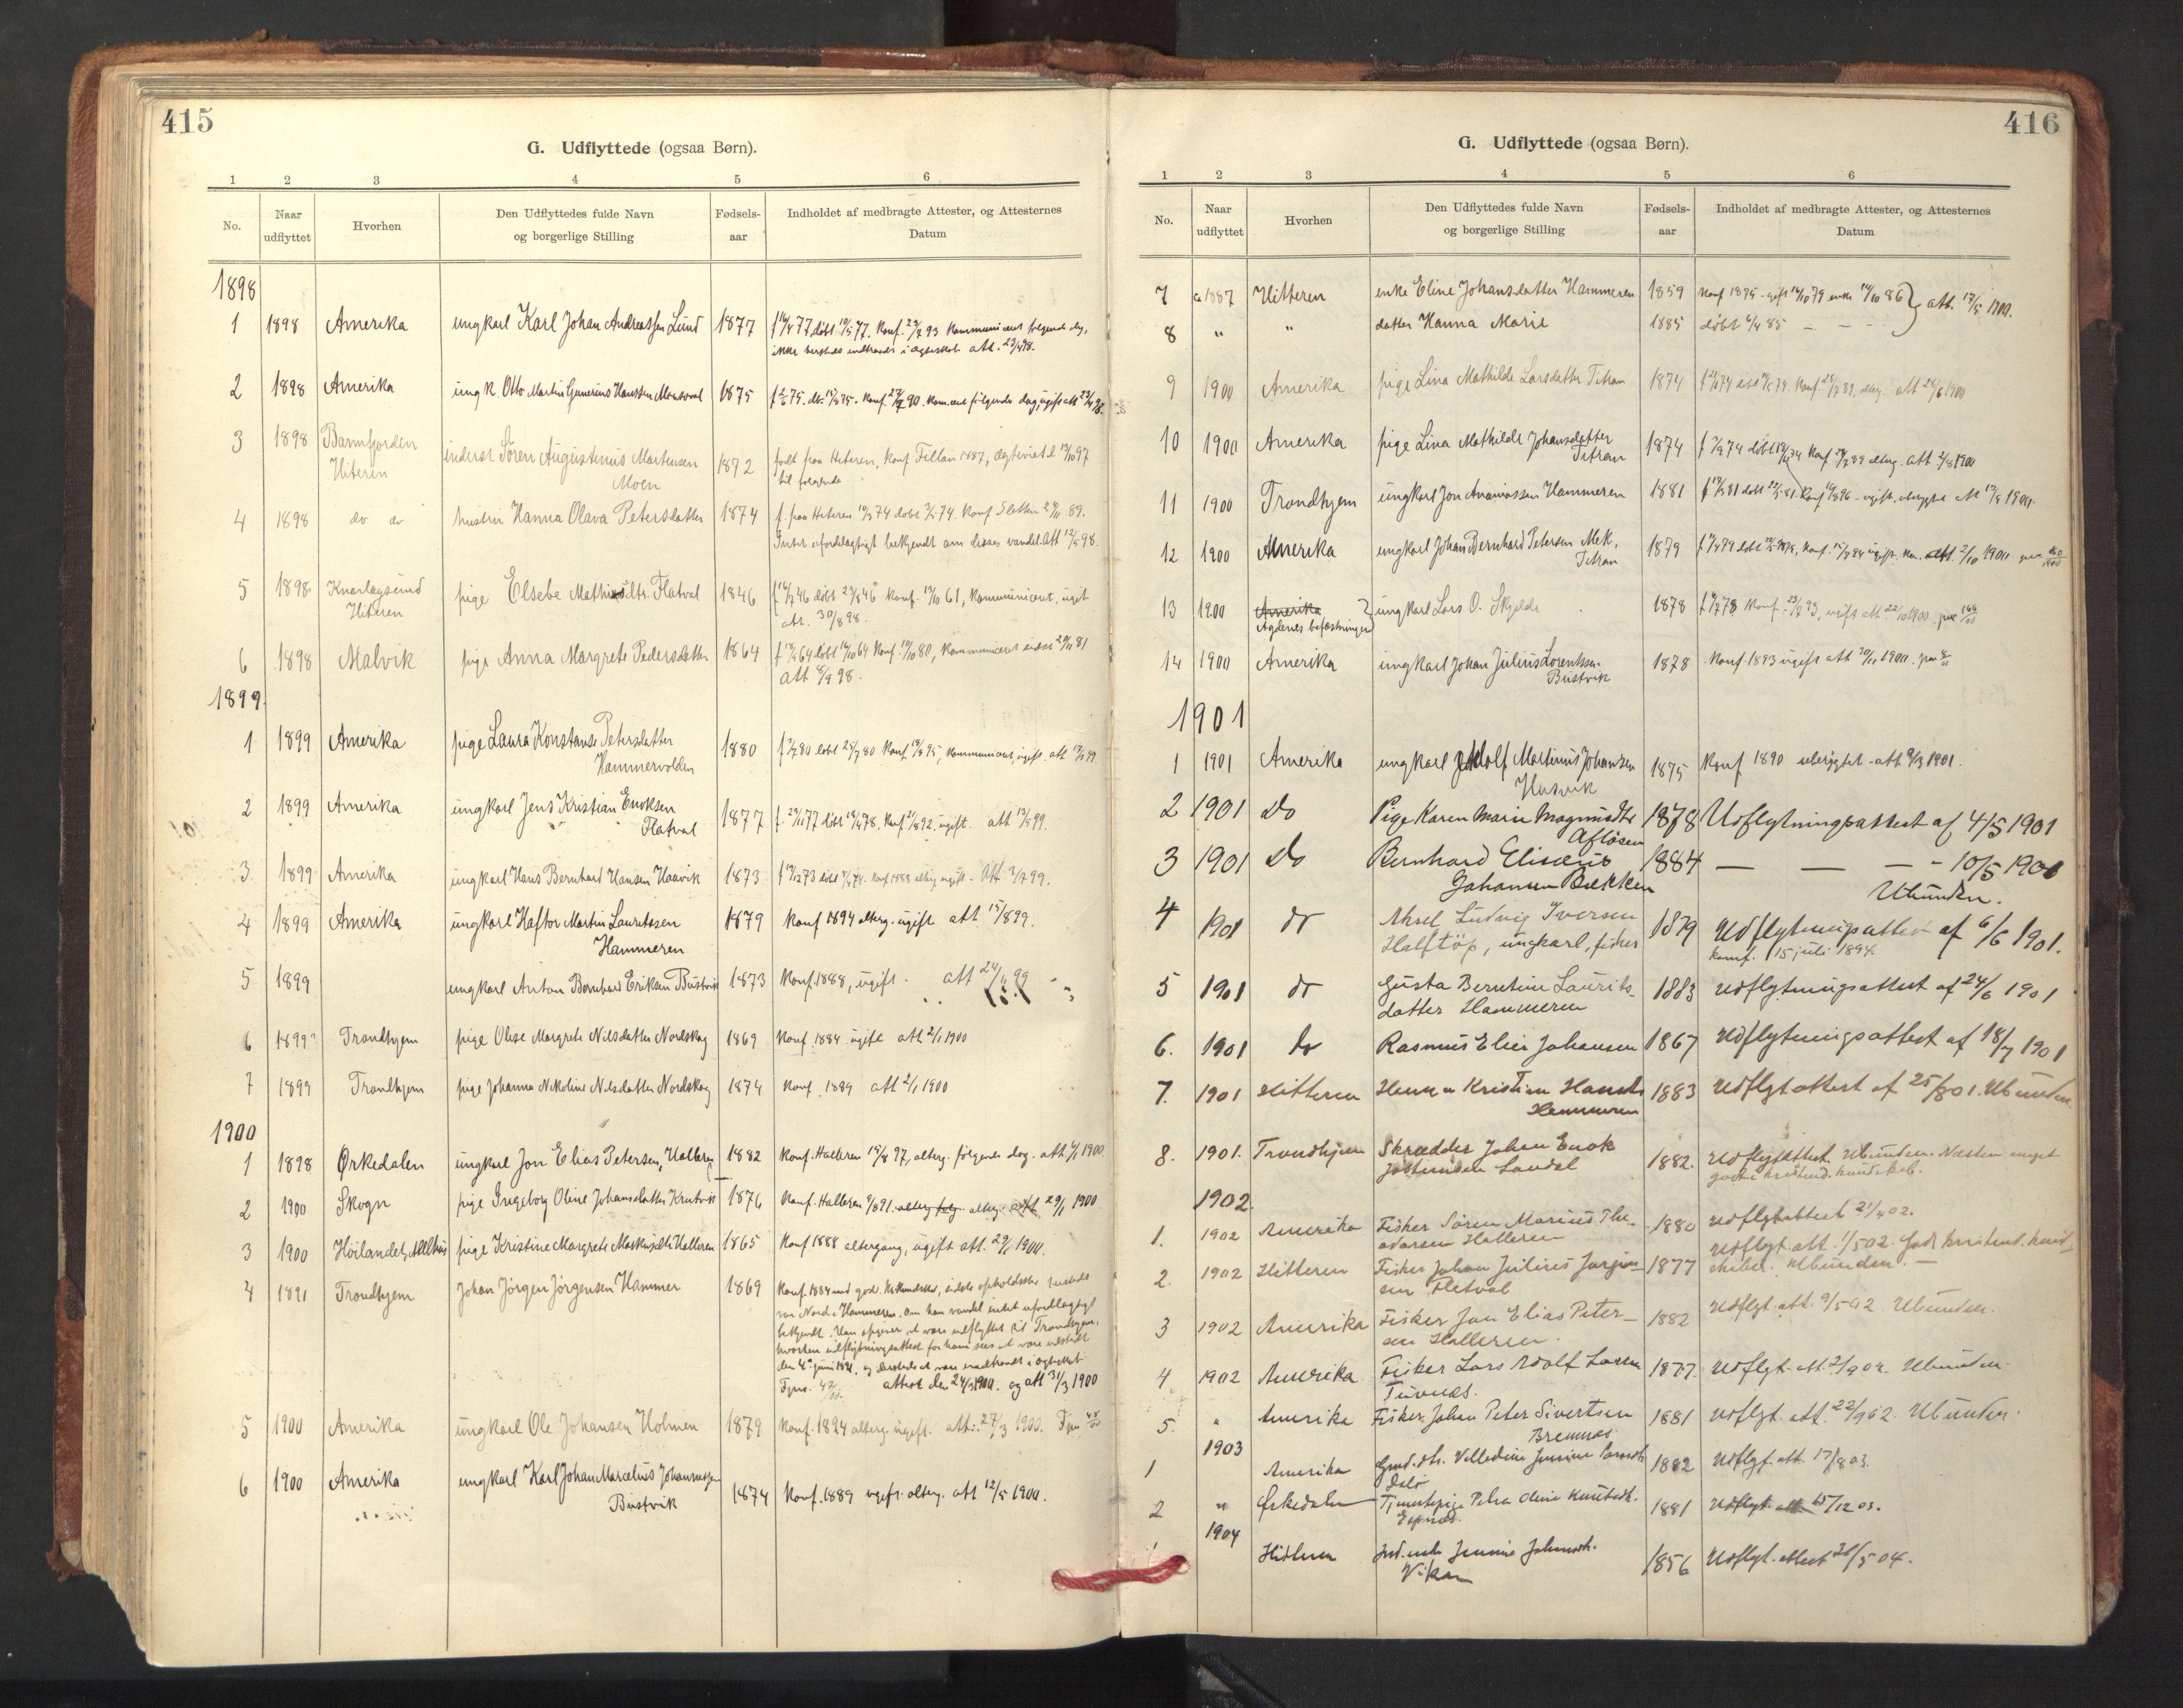 SAT, Ministerialprotokoller, klokkerbøker og fødselsregistre - Sør-Trøndelag, 641/L0596: Ministerialbok nr. 641A02, 1898-1915, s. 415-416